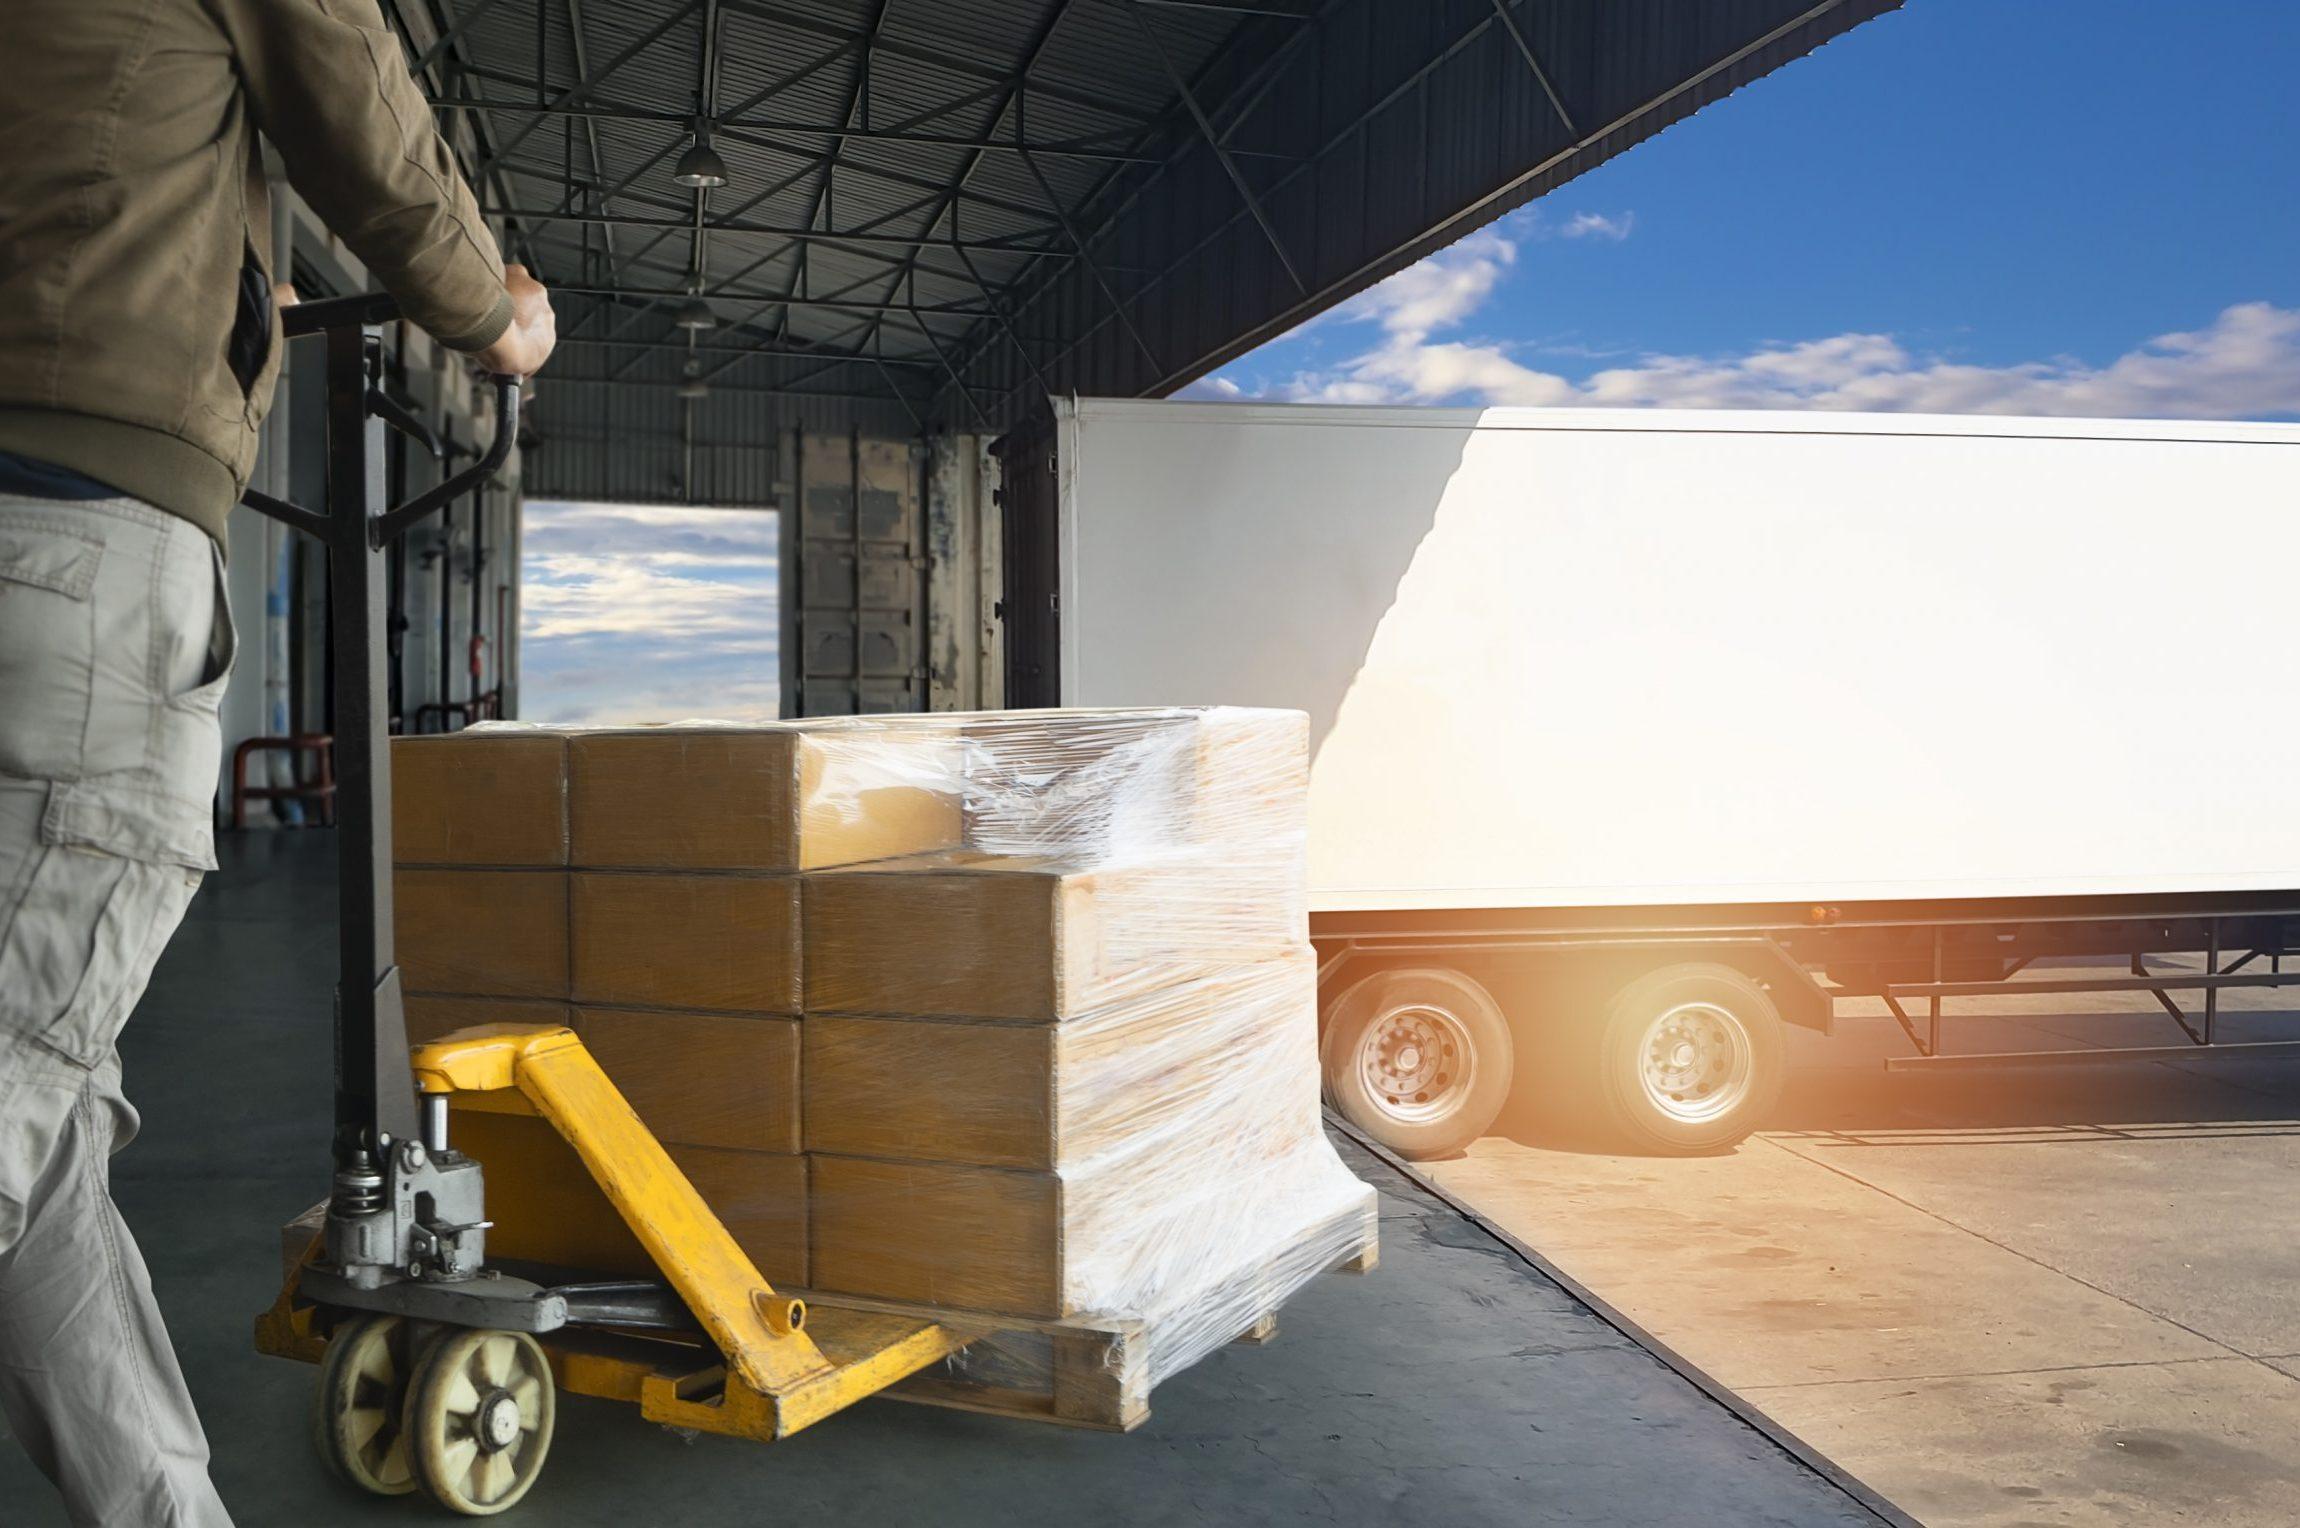 Notre offre d'achat et location d'utilitaire pour le transport, la logistique et le stockage